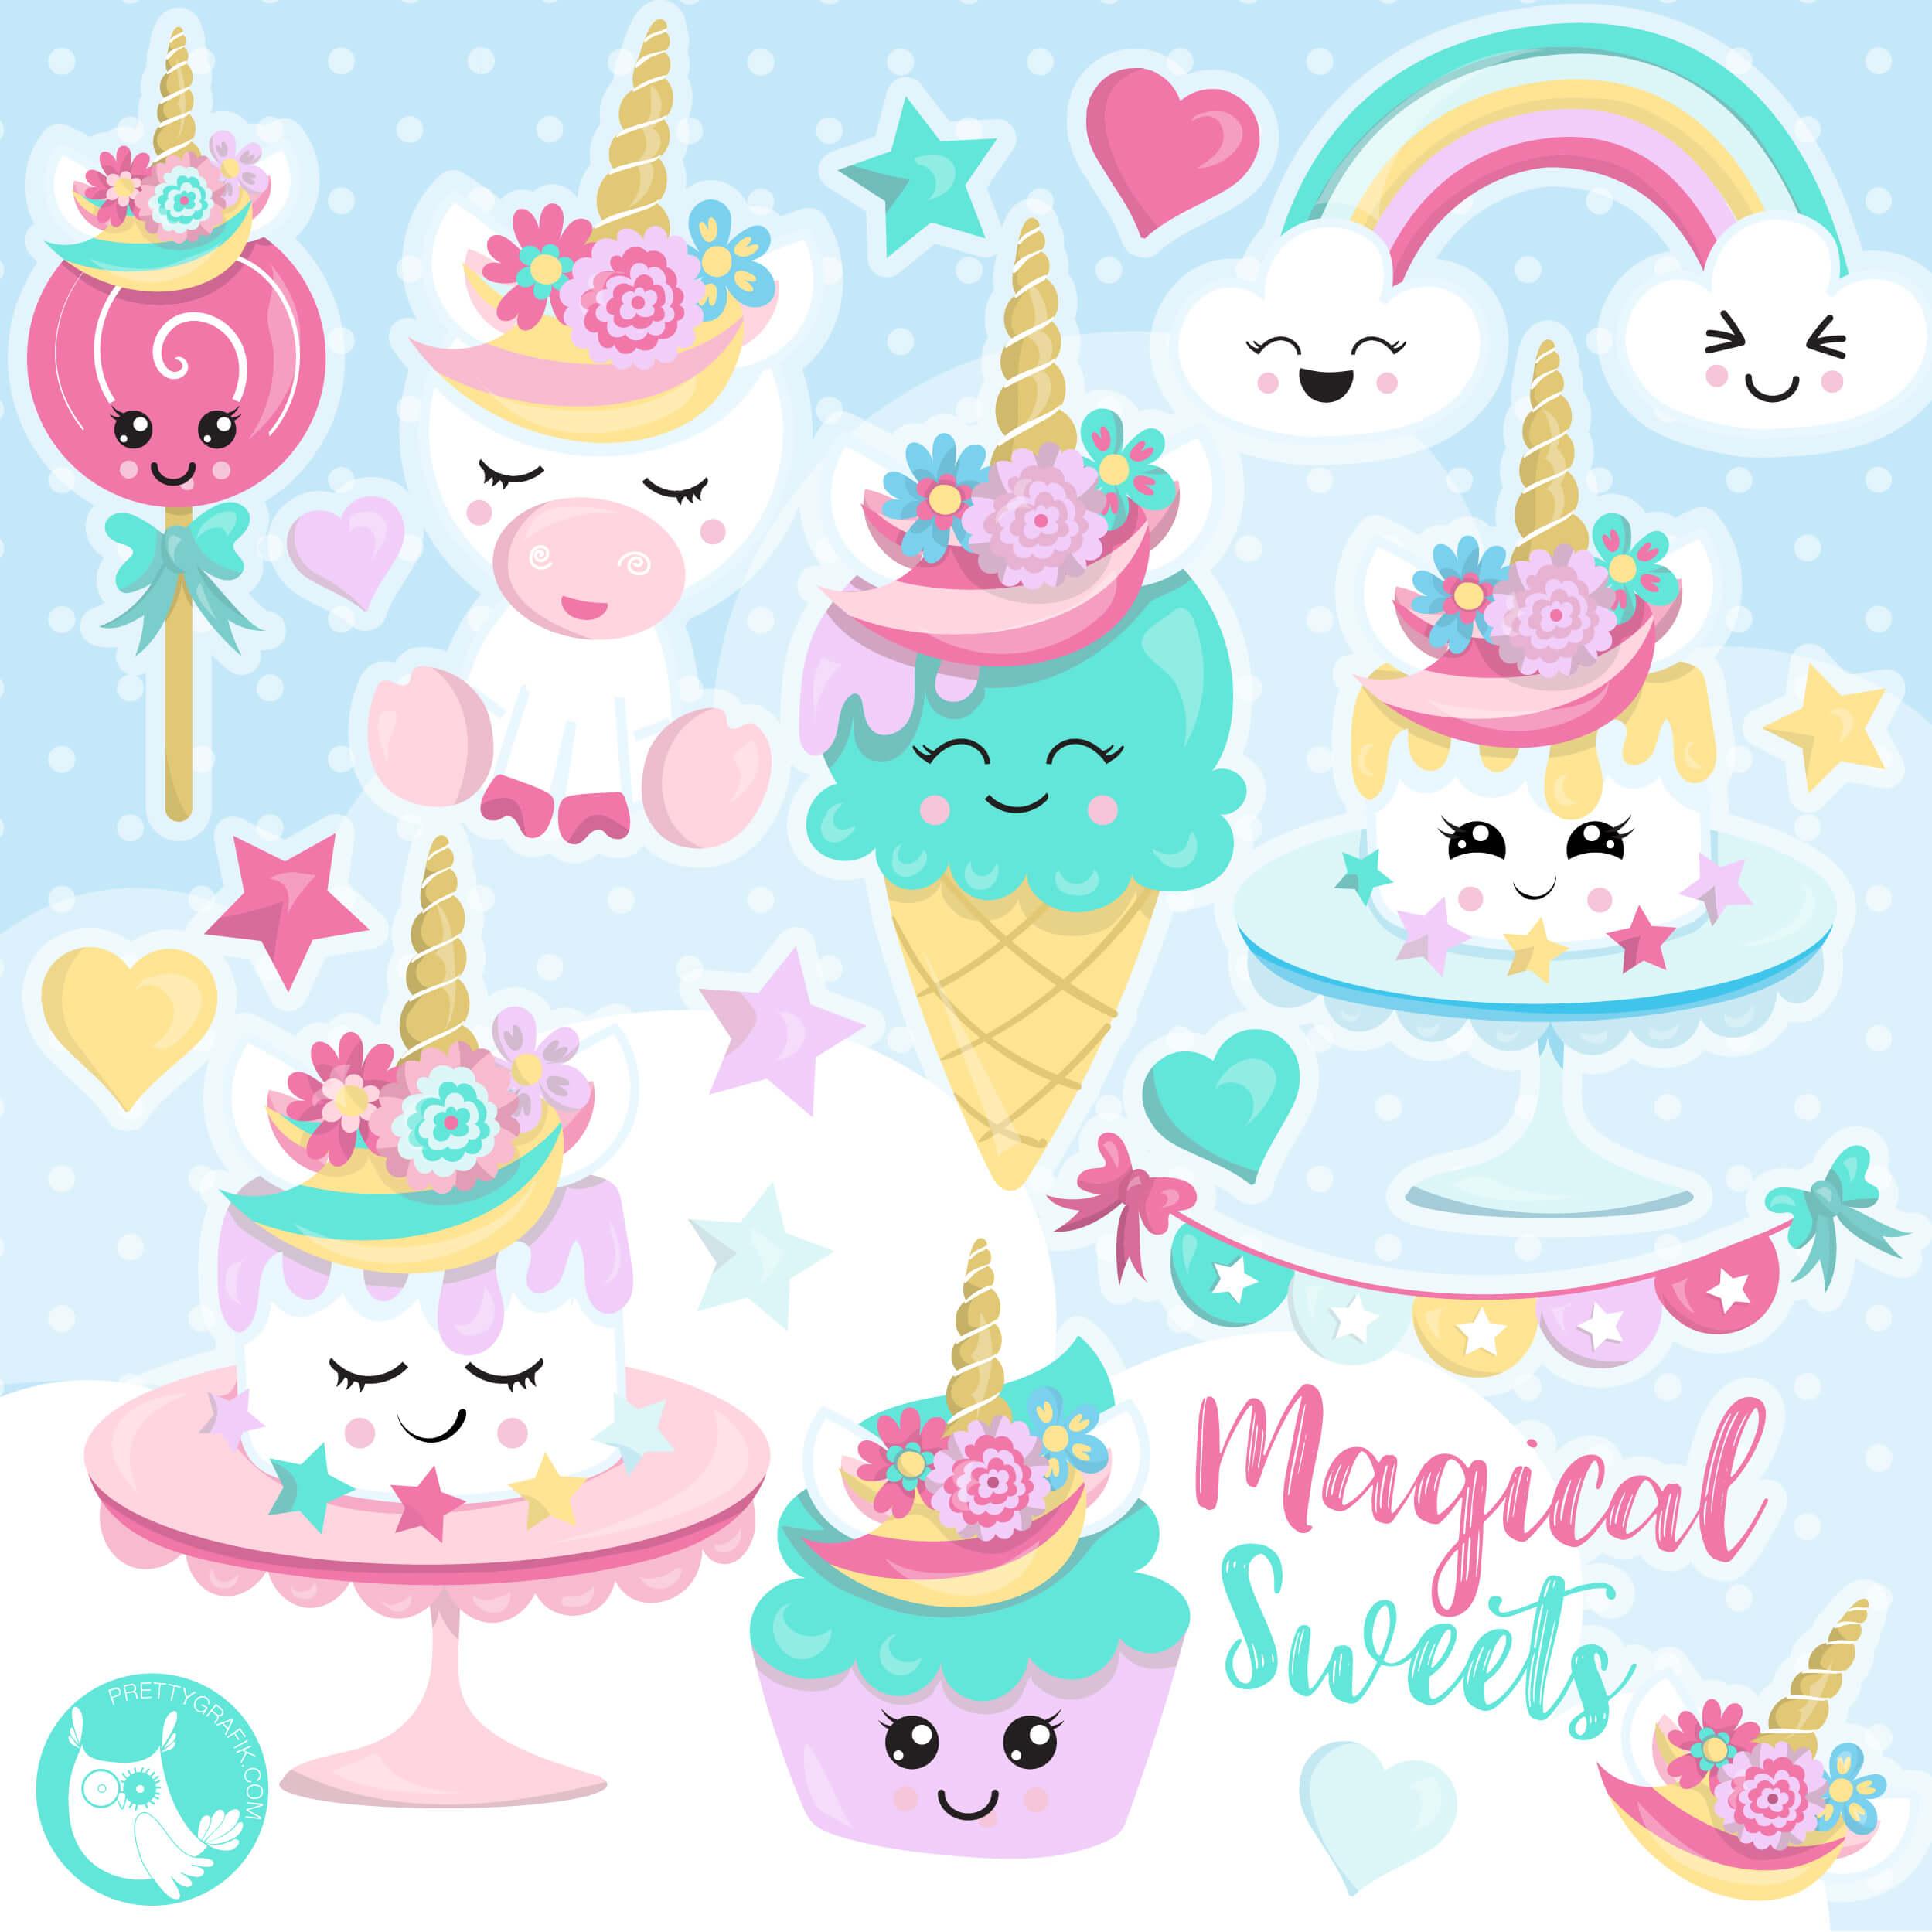 Unicorn Sweets clipart - Prettygrafik Store (2499 x 2499 Pixel)